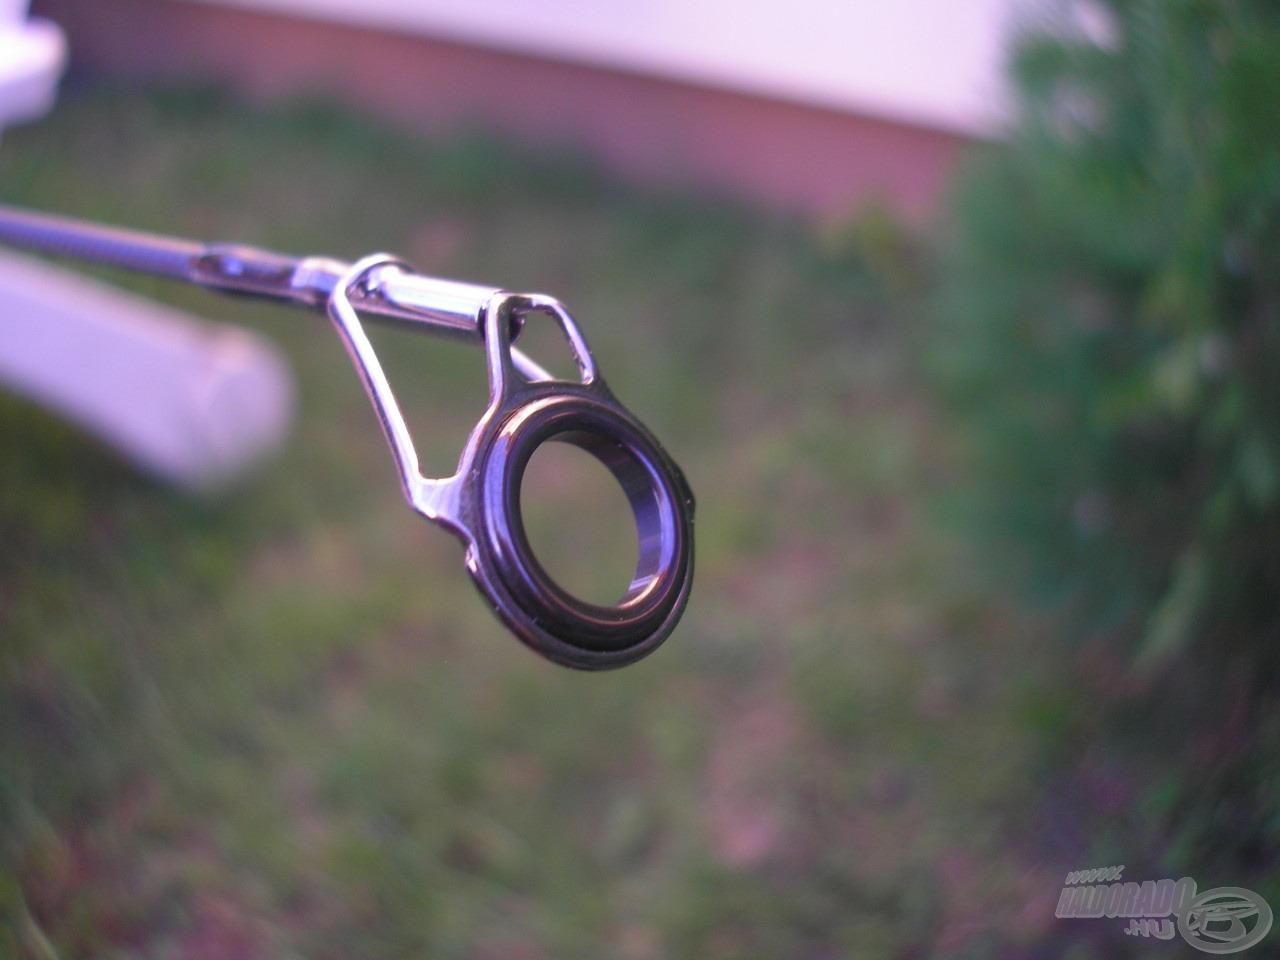 Kifogástalan minőségű SiC gyűrű a bojlis spiccen